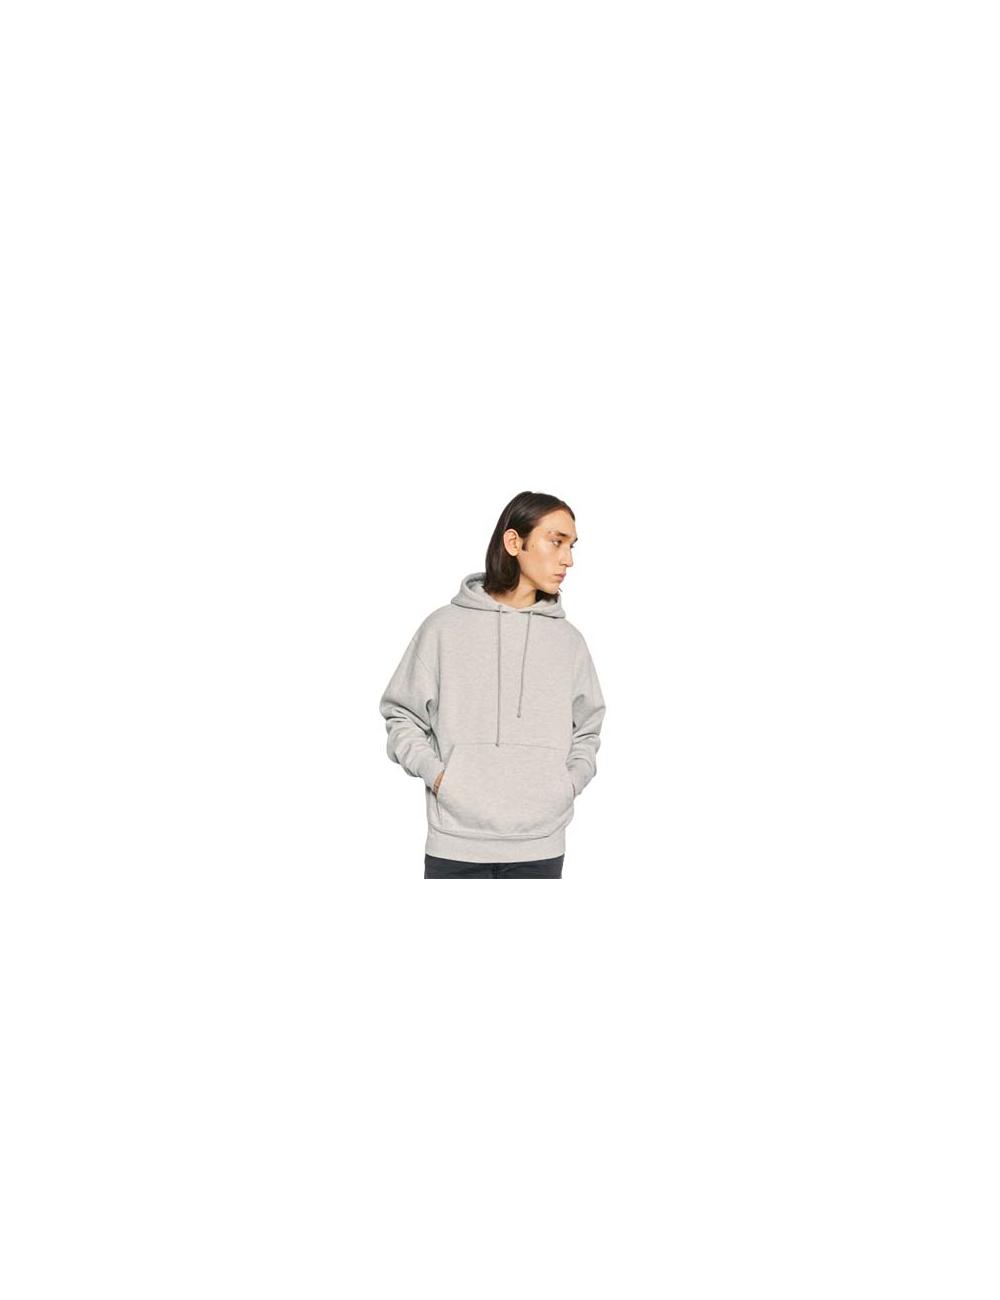 Sanders hoodie Iro - BIG BOSS MEGEVE